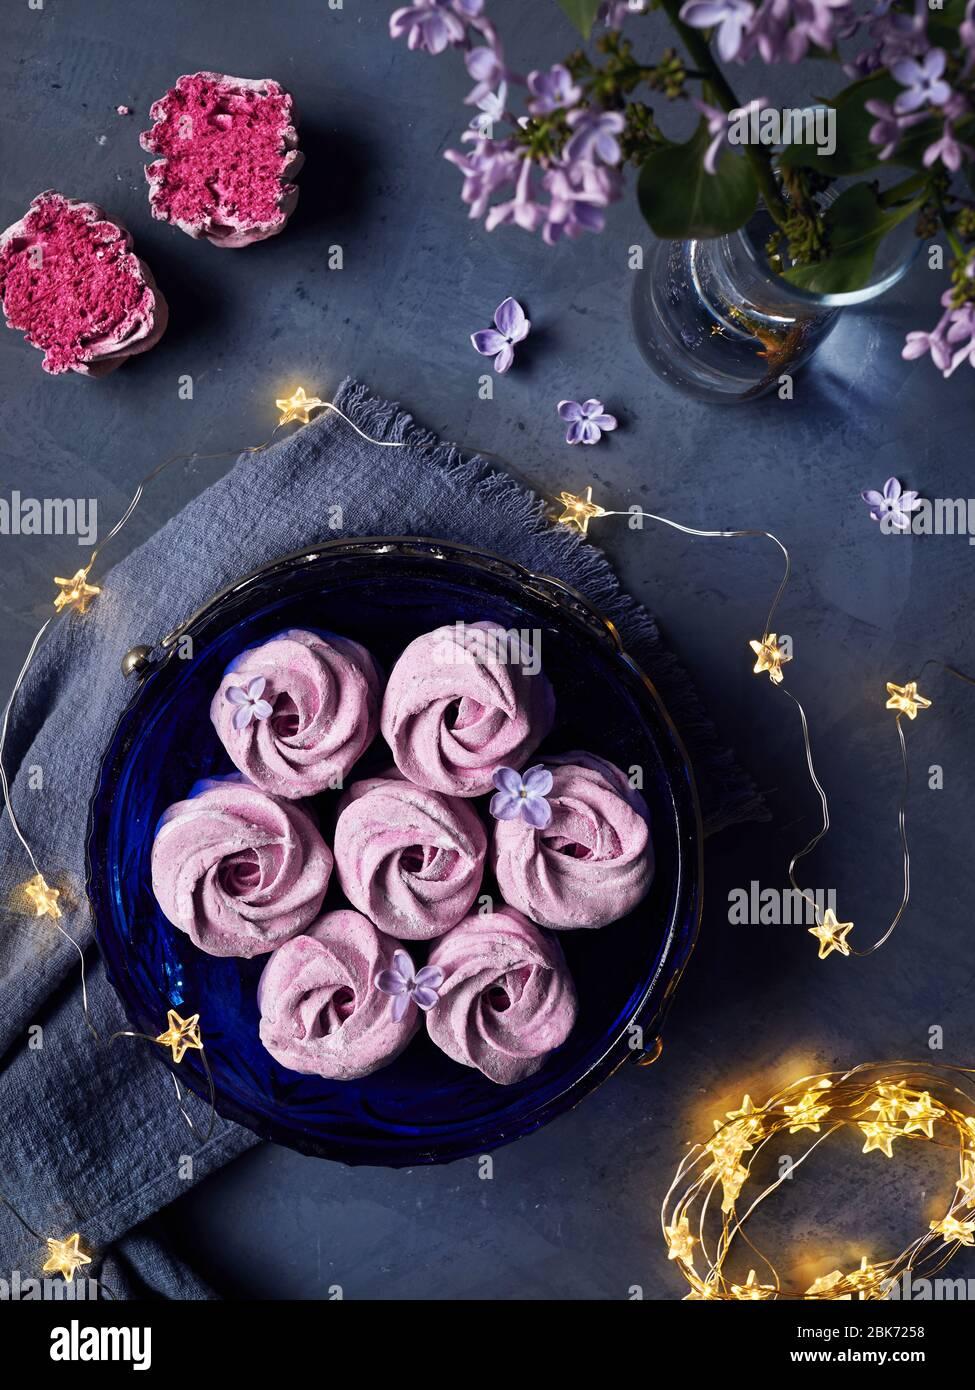 Zephyr o Marshmallow caseros dulces violeta atmosférico de grosella negra cerca de flores lilas y estrellas mágicas luces en la vista superior de fondo oscuro Foto de stock